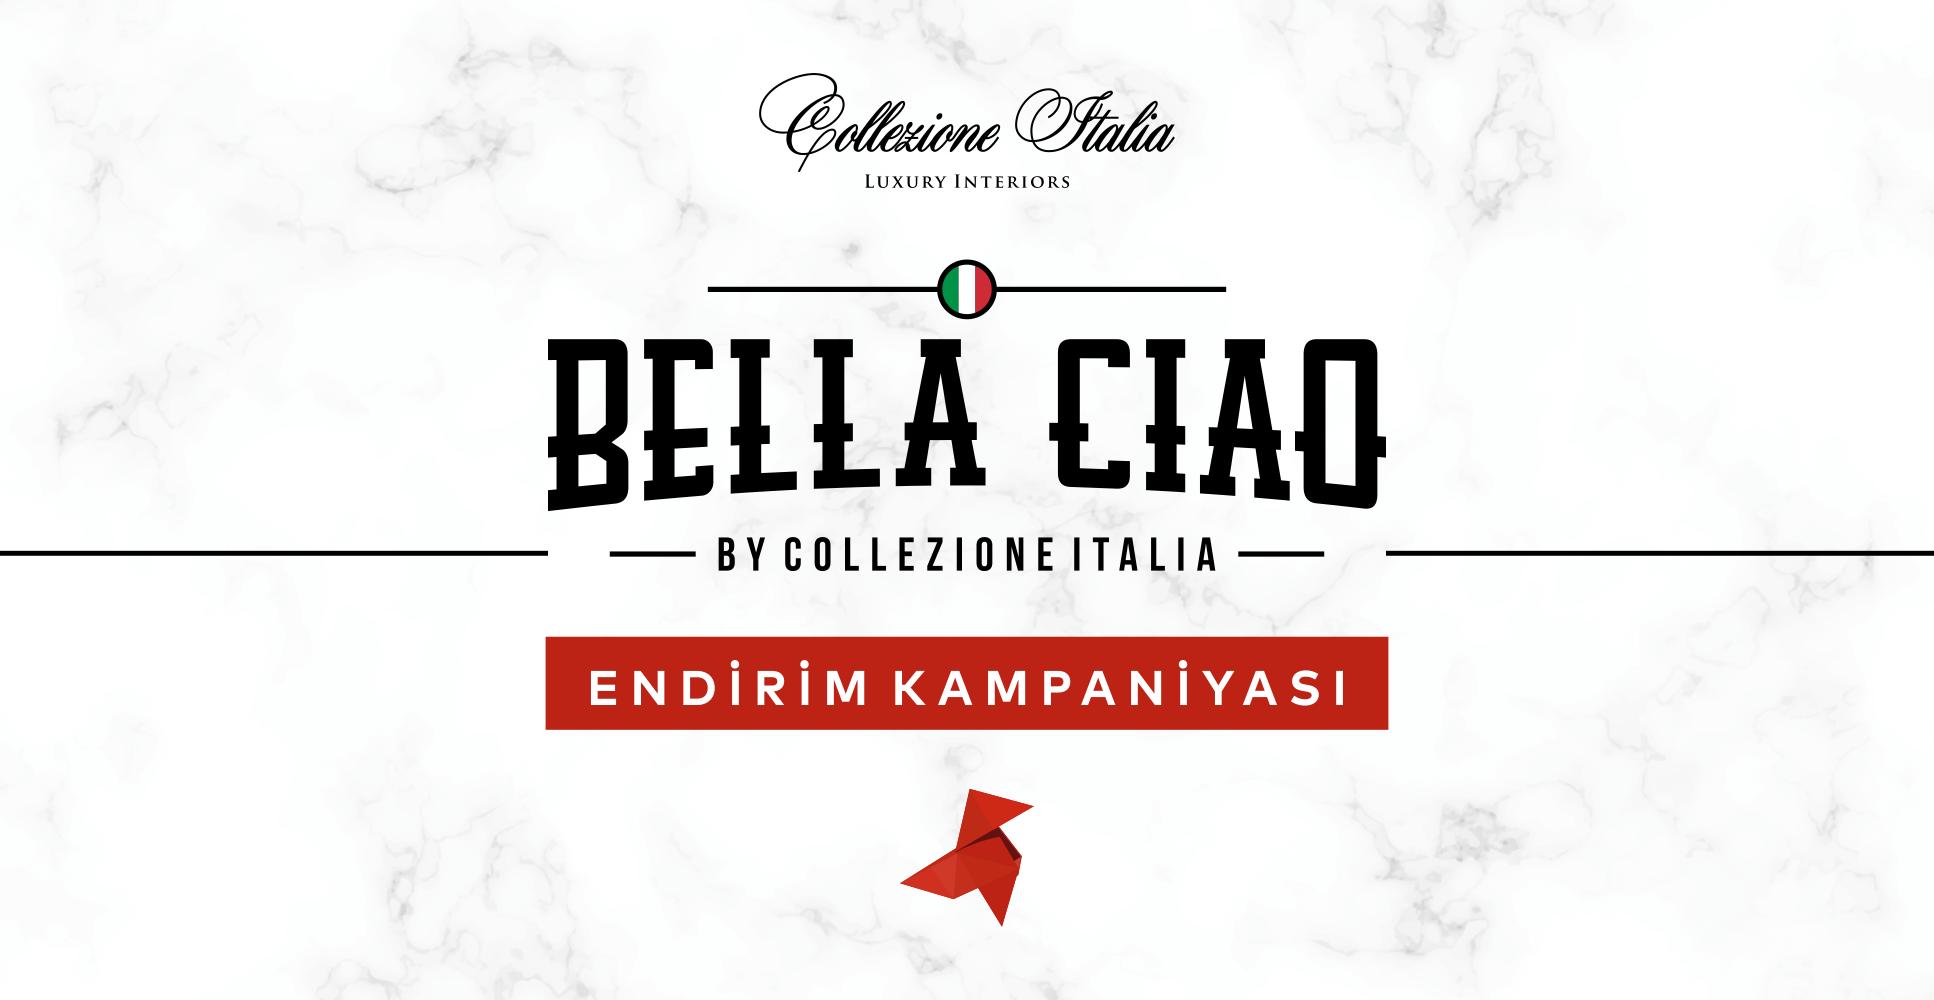 Collezione Italia представляет вам новую кампанию «Bella Ciao»!